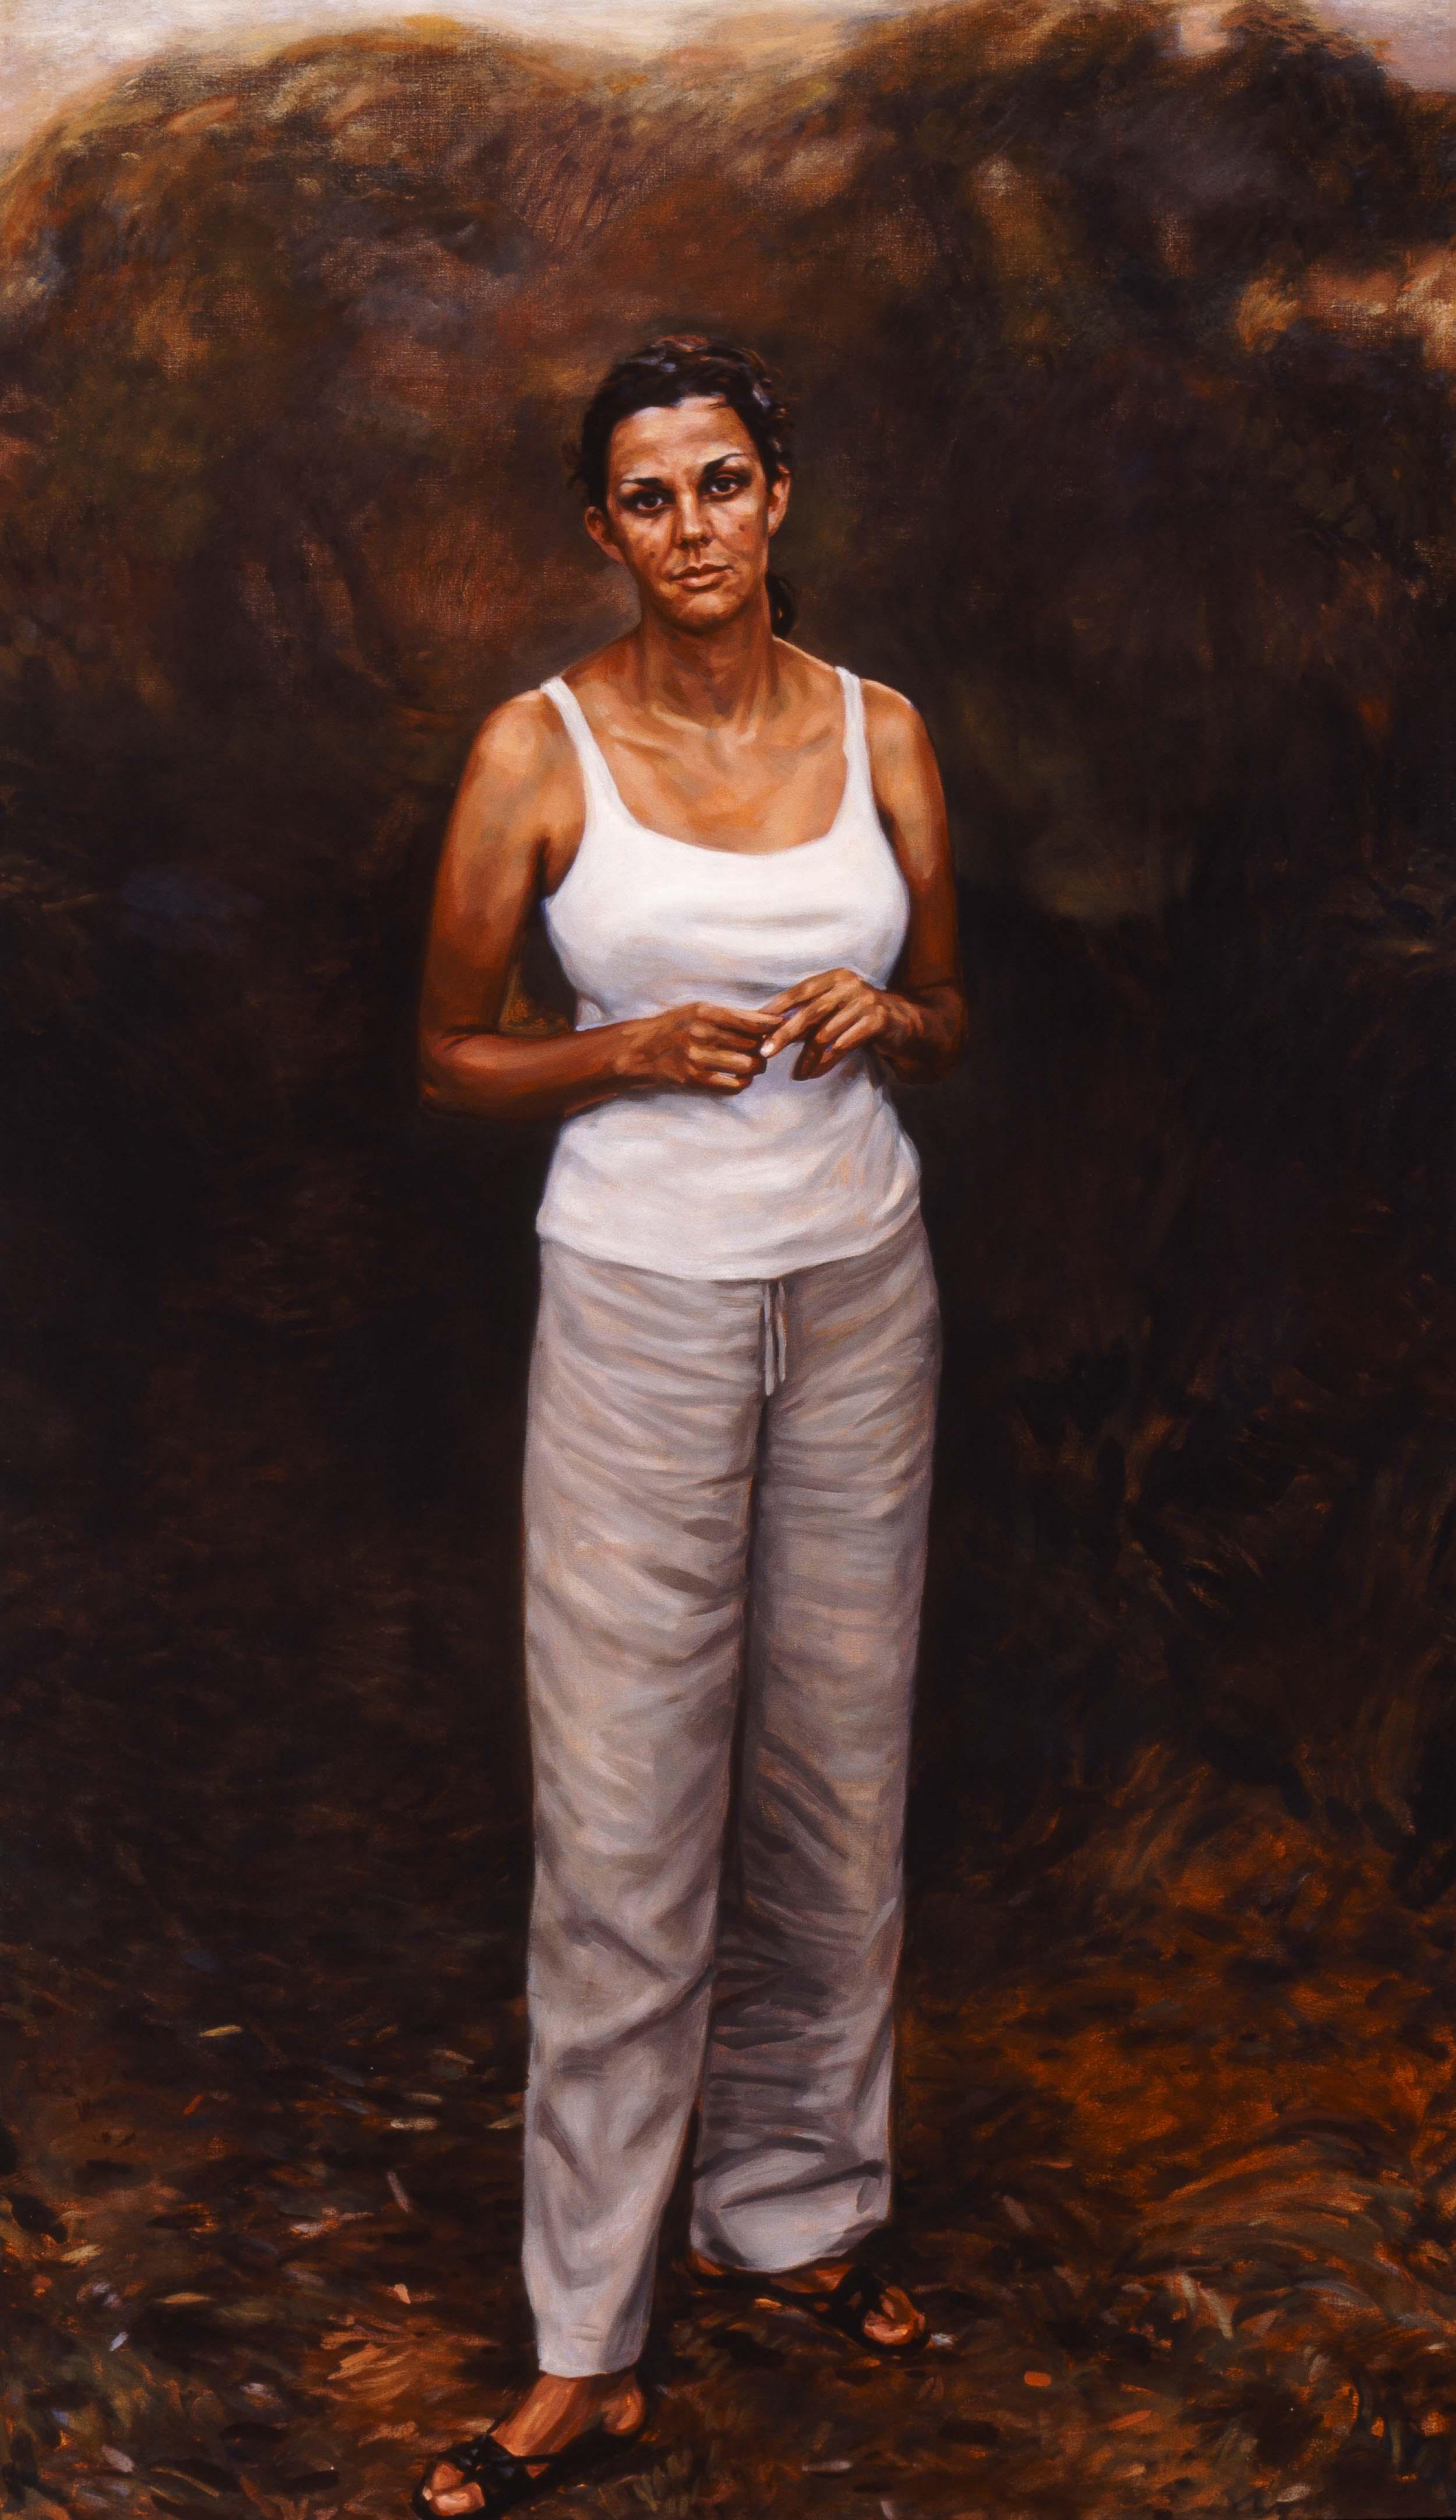 Hetti Perkins (2001)